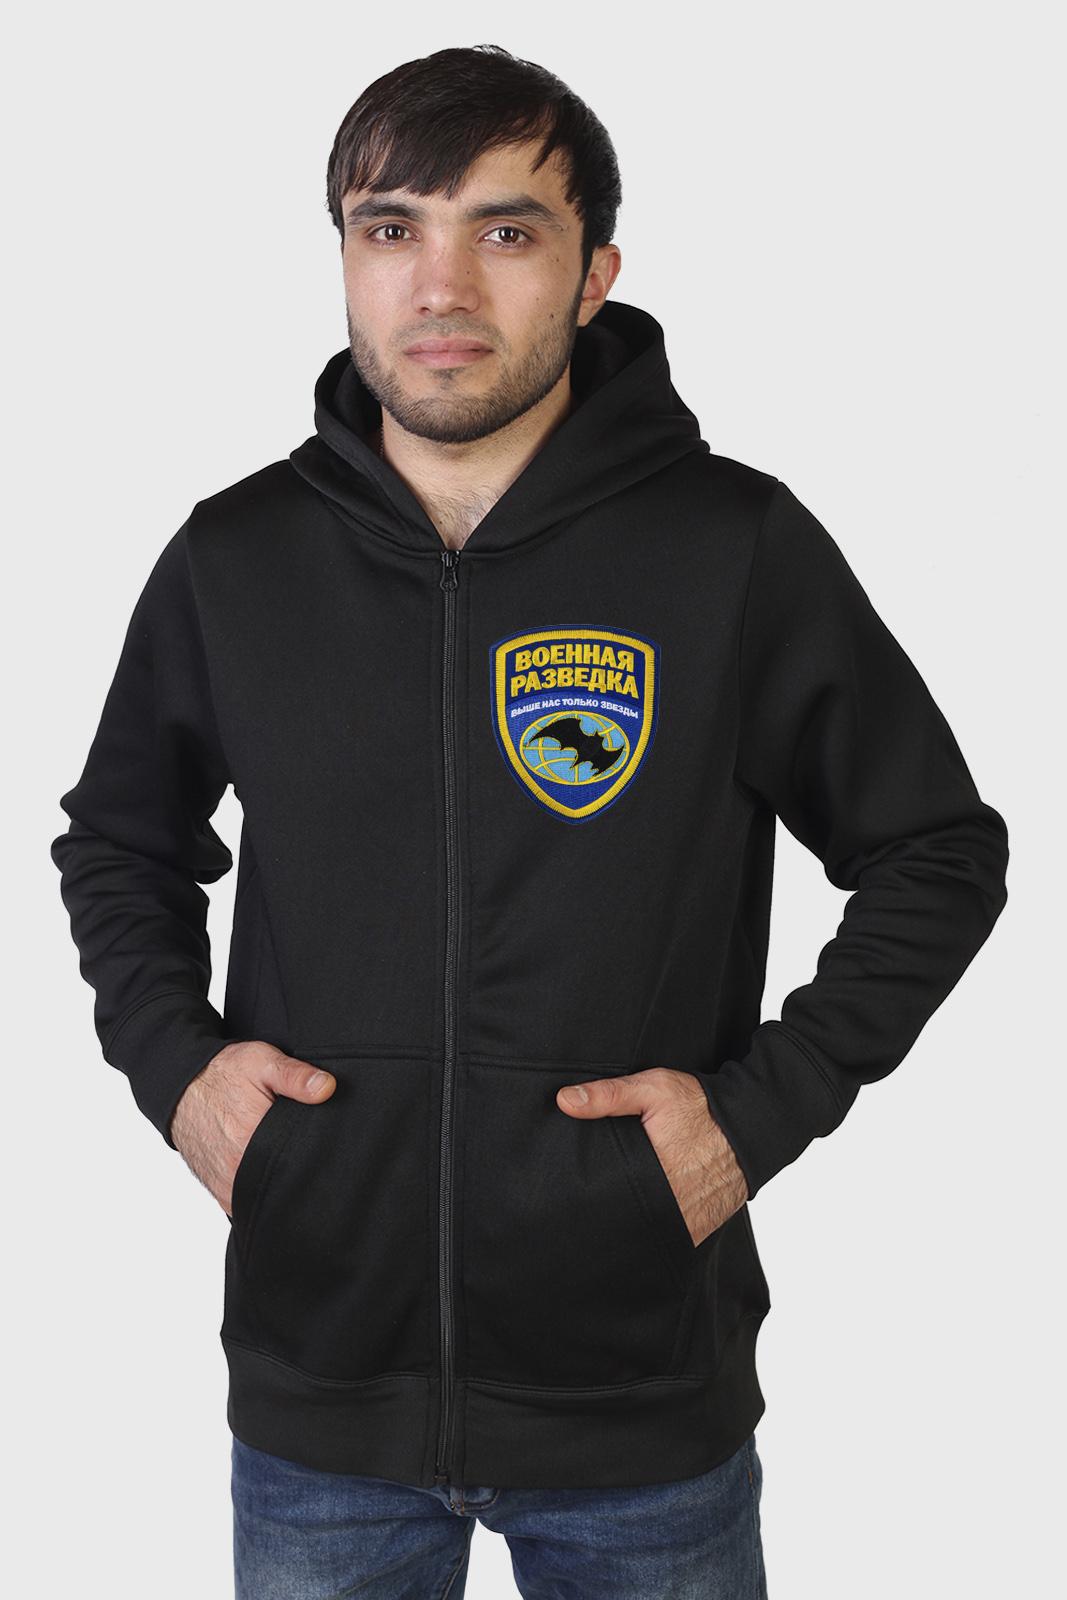 Купить в интернет магазине мужскую стильную толстовку Военной Разведки